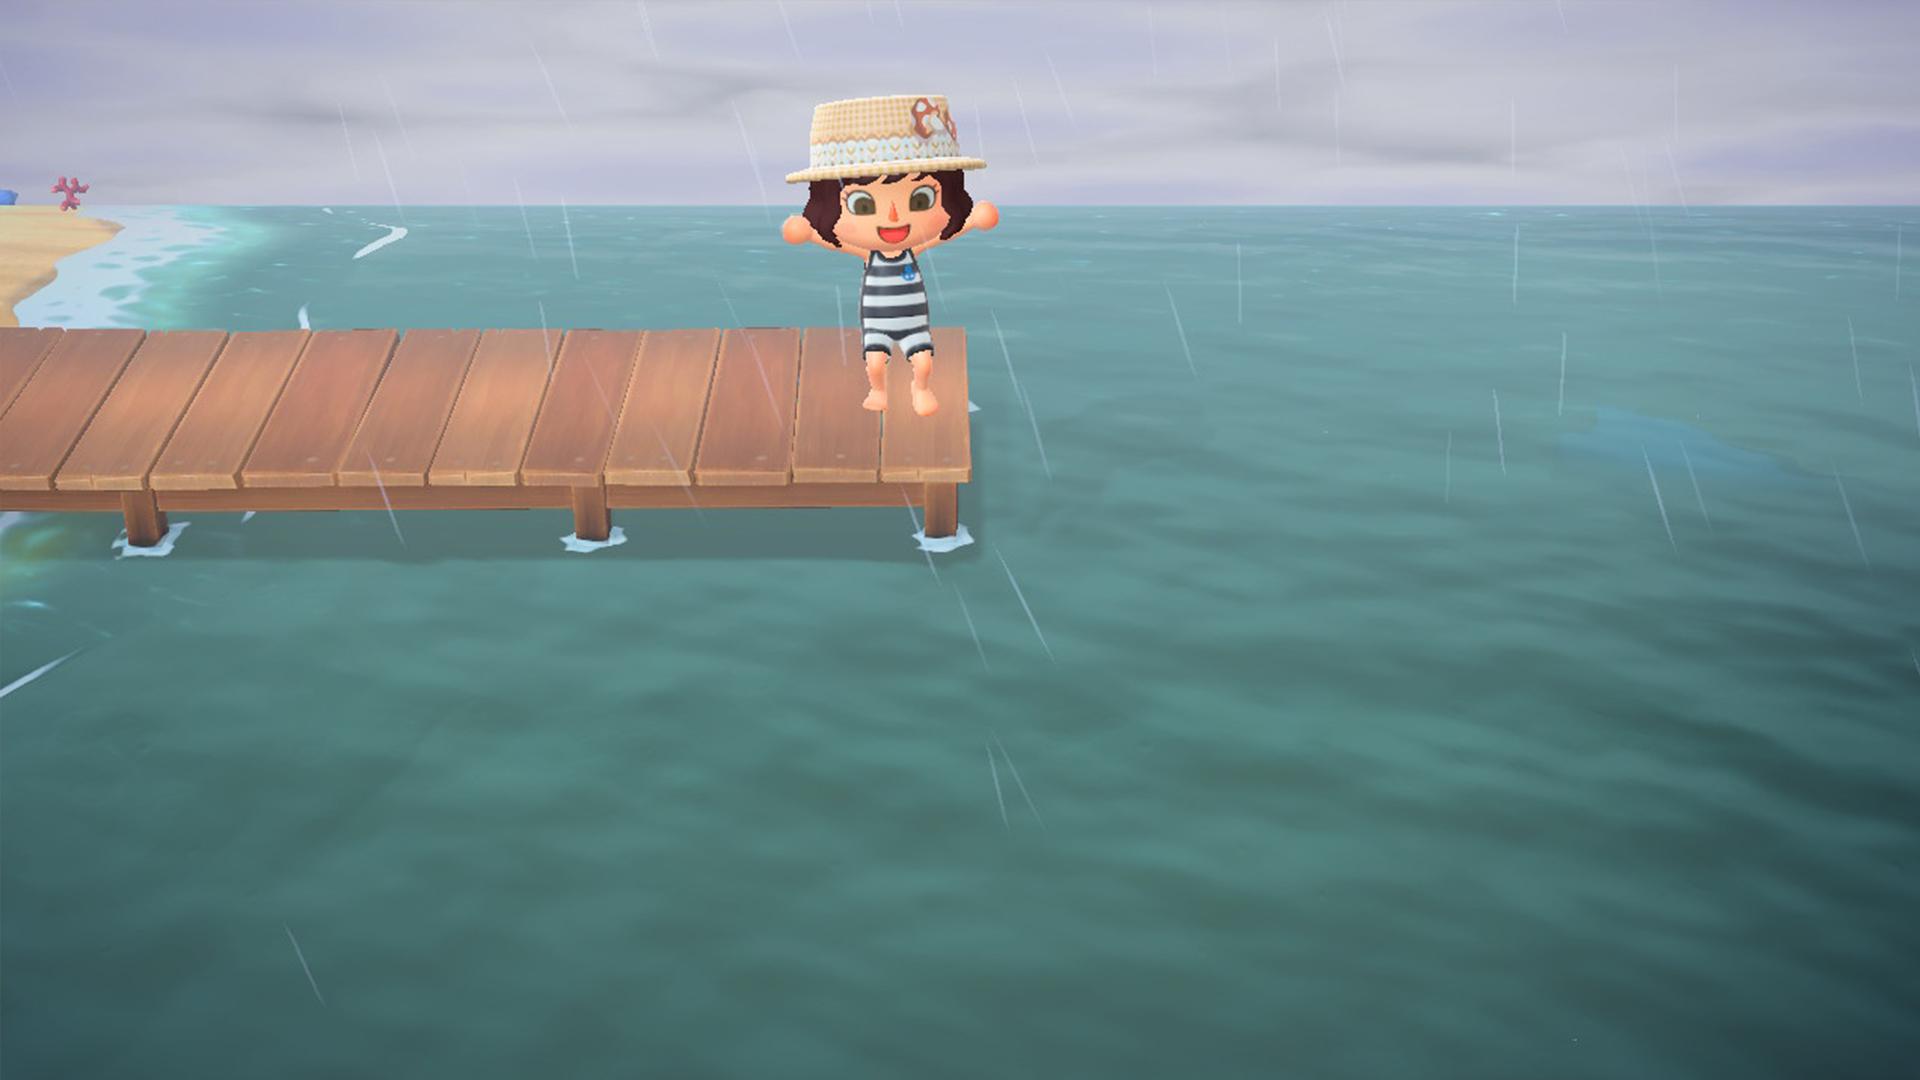 Comment obtenir une combinaison humide dans Animal Crossing New Horizons